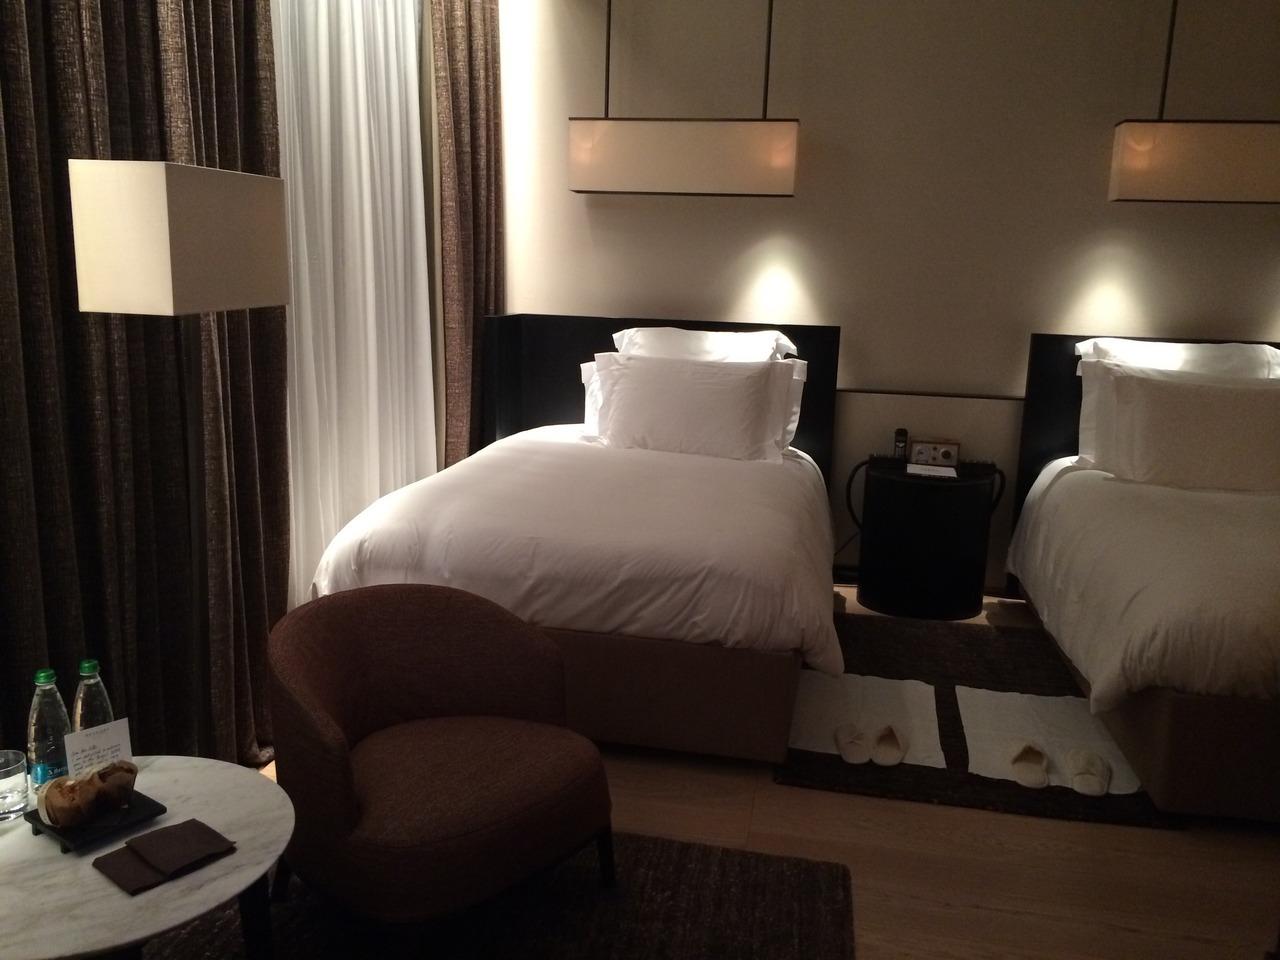 【イタリア】ブルガリ ホテル & リゾーツ ミラノ